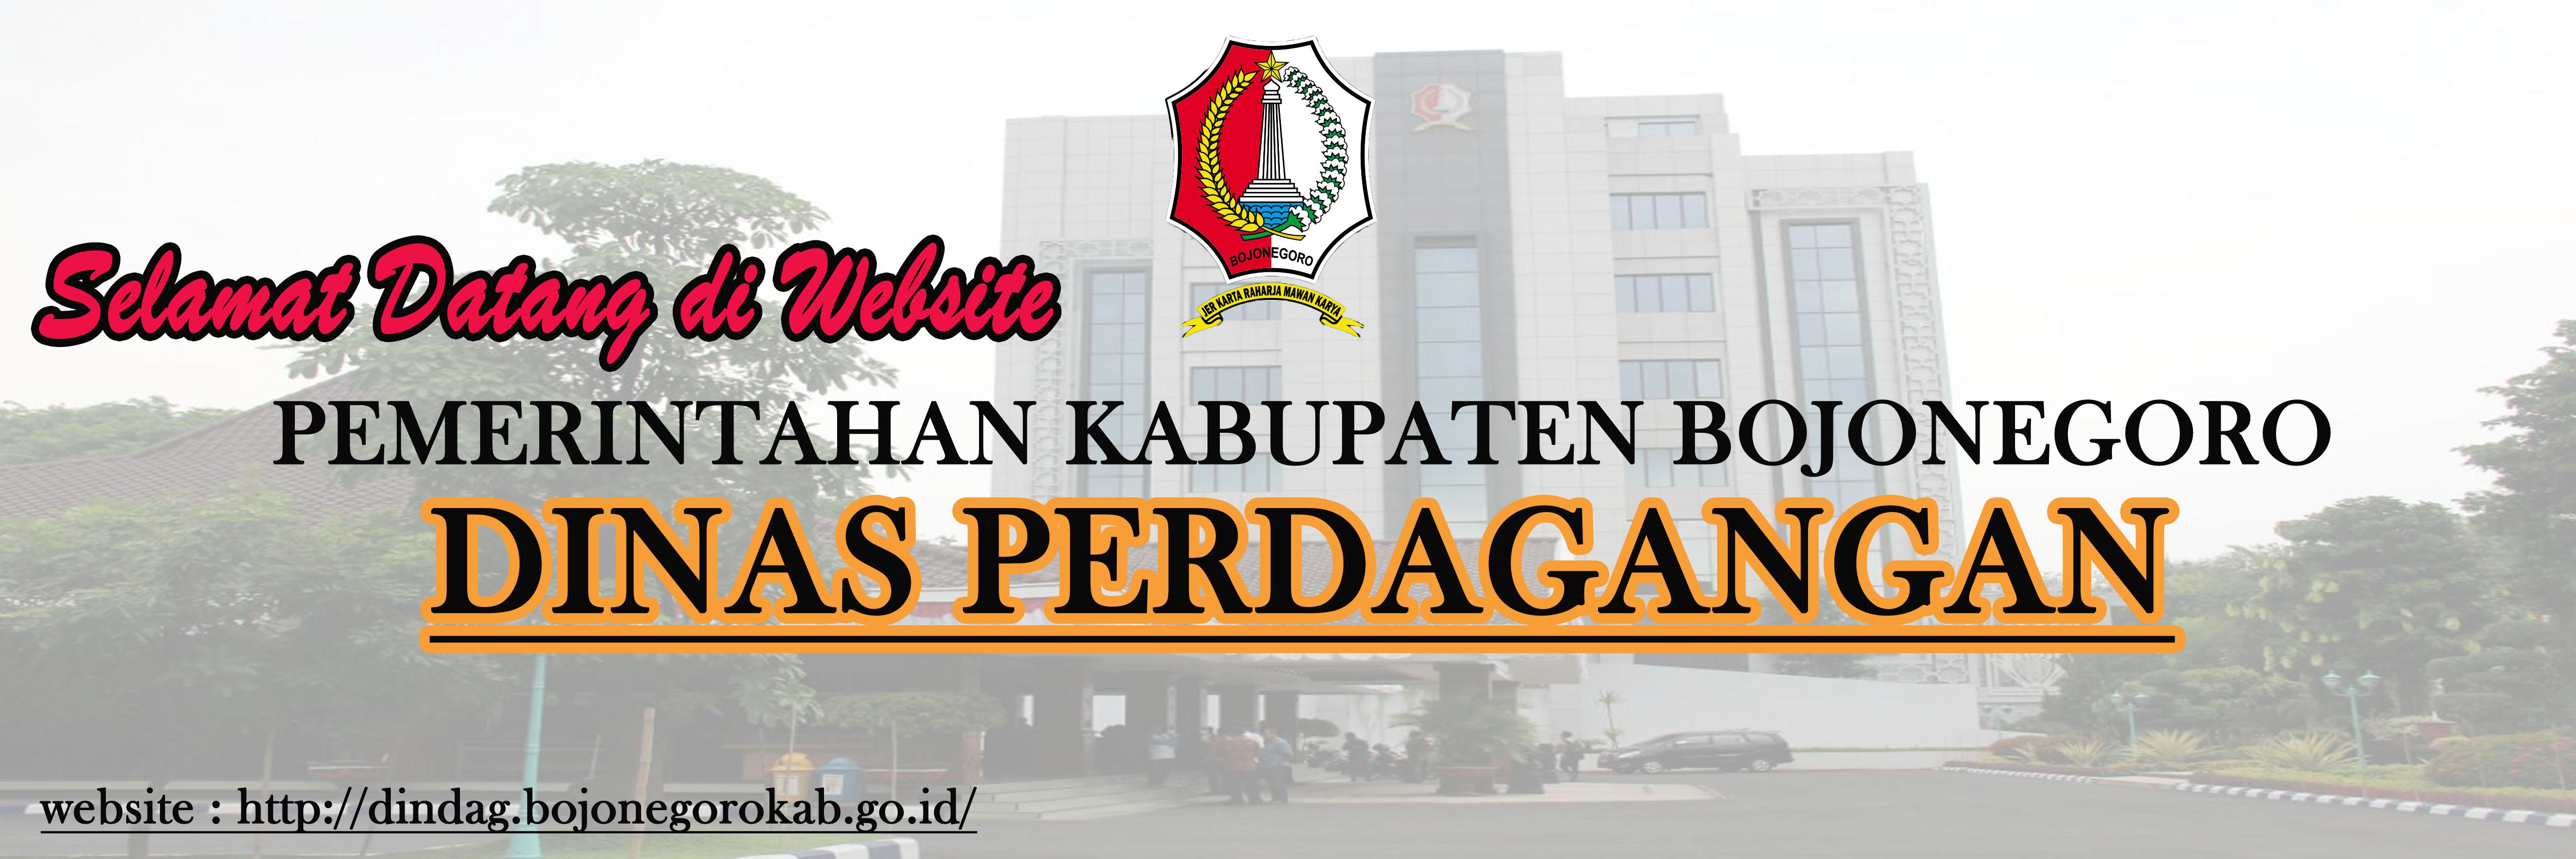 Selamat Datang di Website<BR>Pemerintahan Kabupaten Bojonegoro Dinas Perdagangan